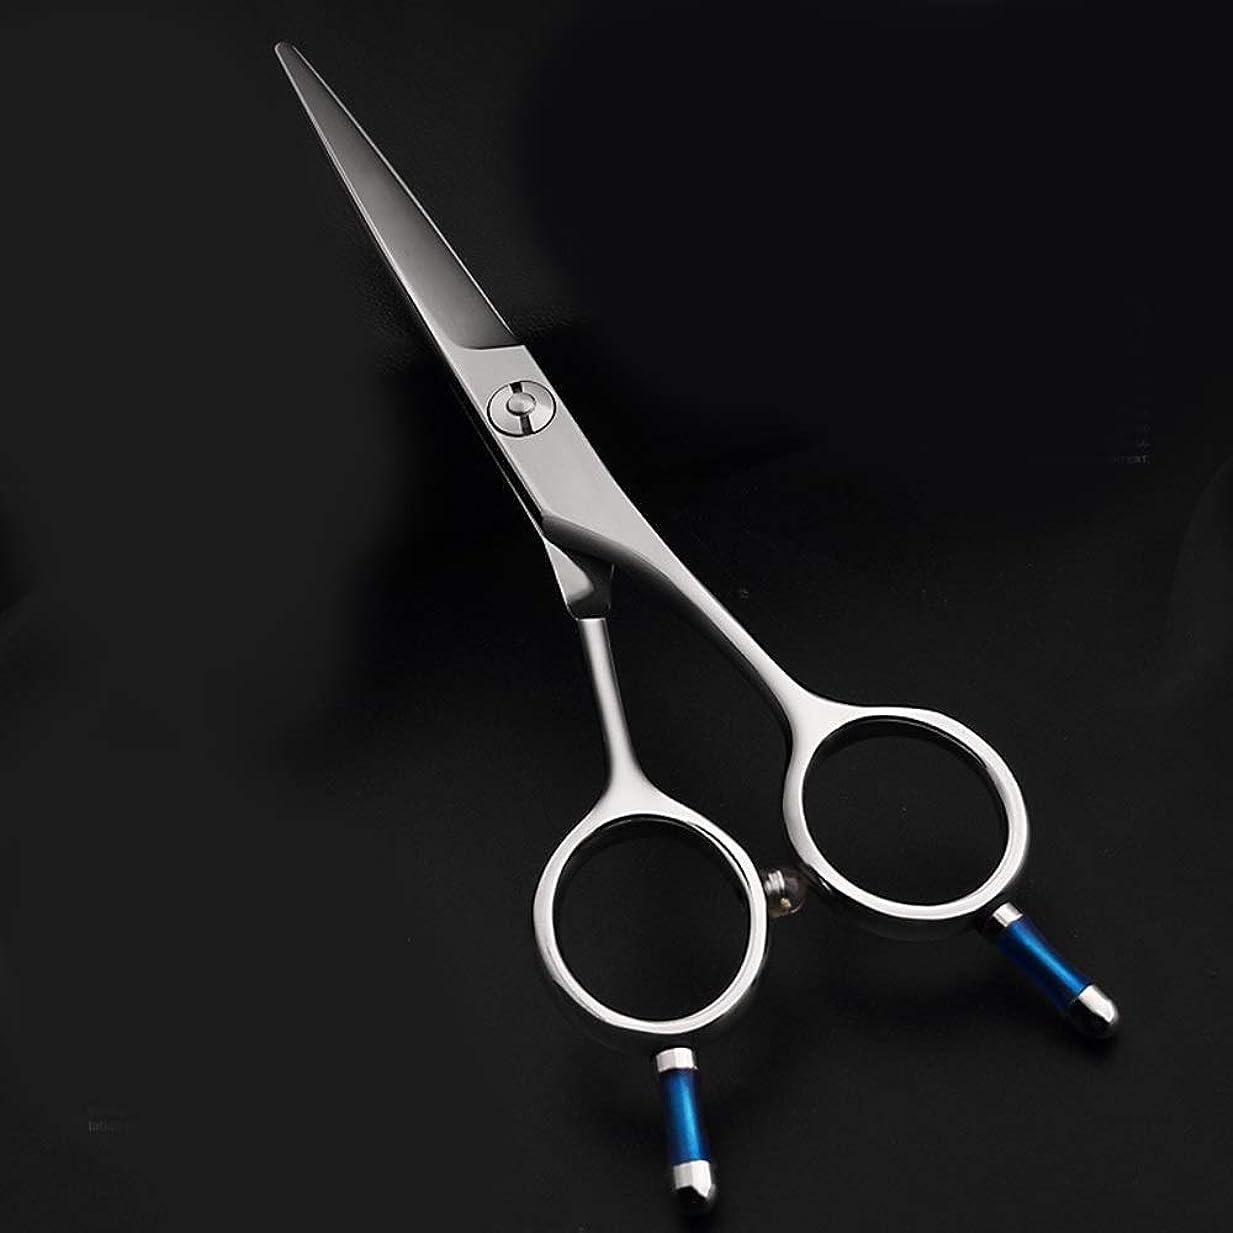 貴重な事業締める理髪用はさみ 440CプロフェッショナルAワードシアー、5.5インチの理髪はさみ、美容院の特別な左手右利用可能な理髪はさみヘアカットはさみステンレス理髪はさみ (色 : Silver)